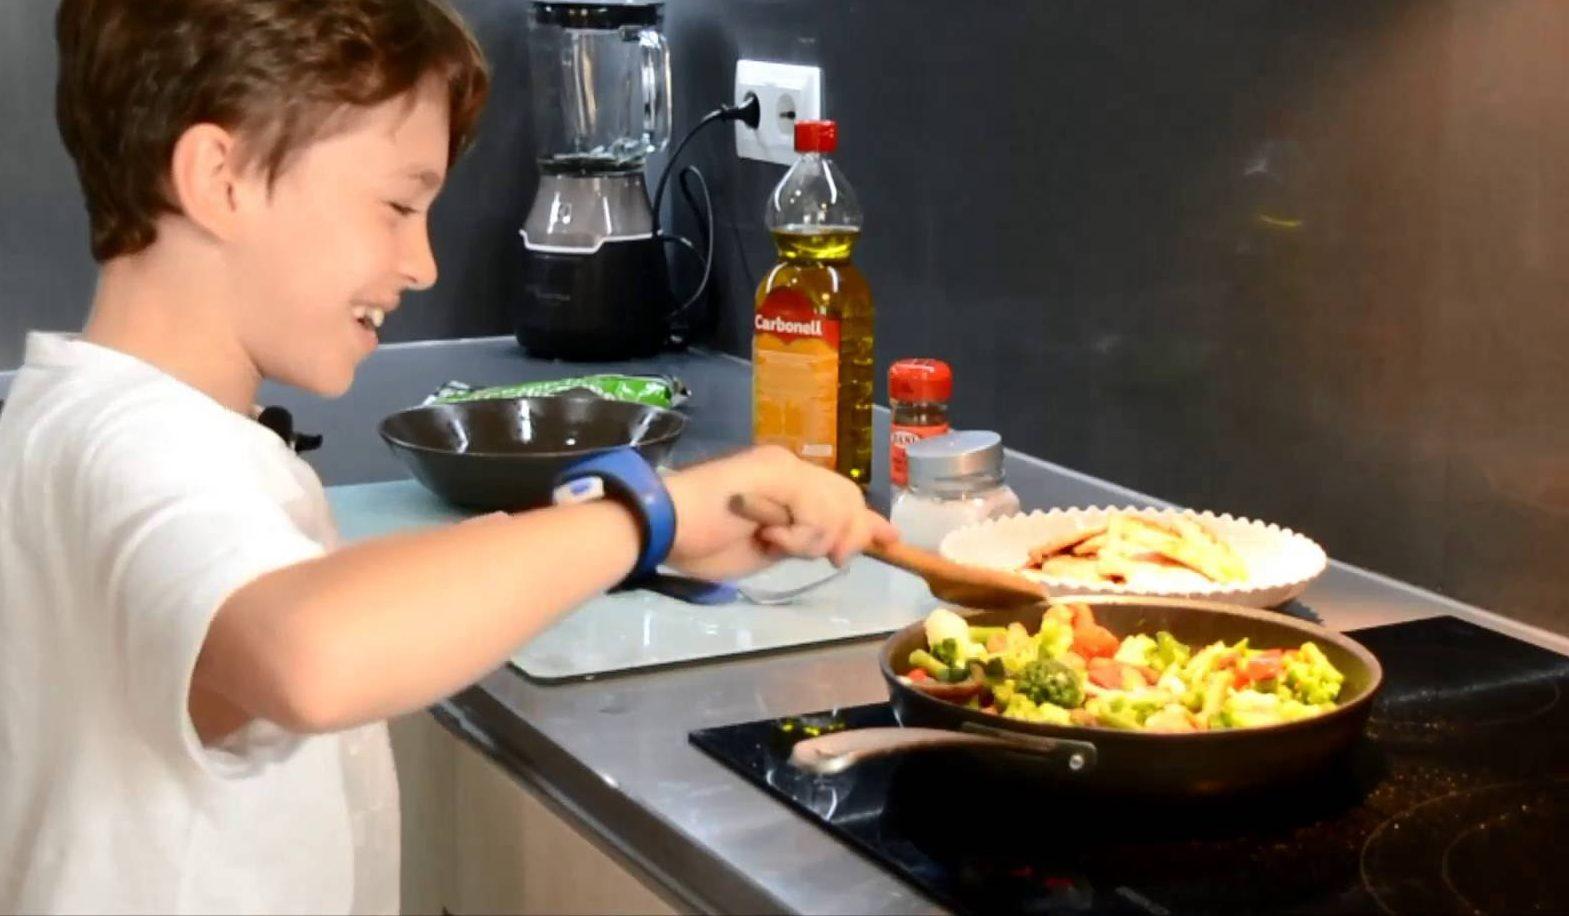 קייטנת המטבח שלנו: שרה פכטר בפתרון לחופש